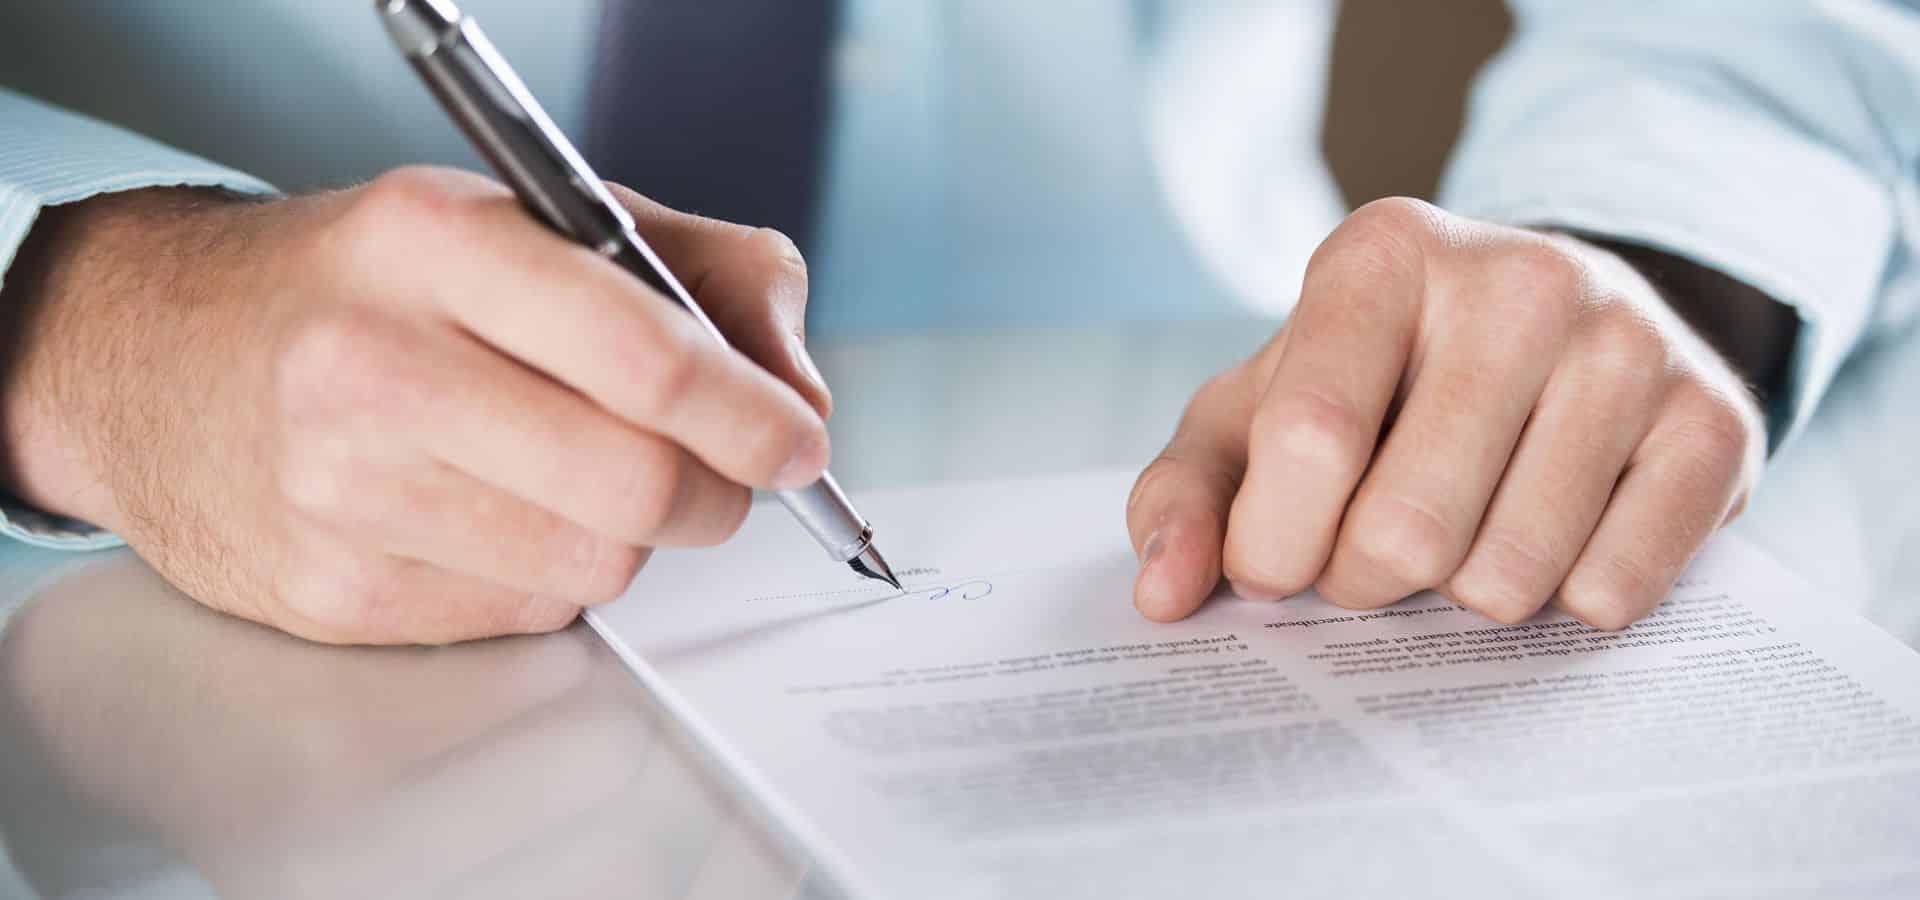 Sözleşme tek taraflı olur mu? Tek taraflı hukuki işlemler neler?